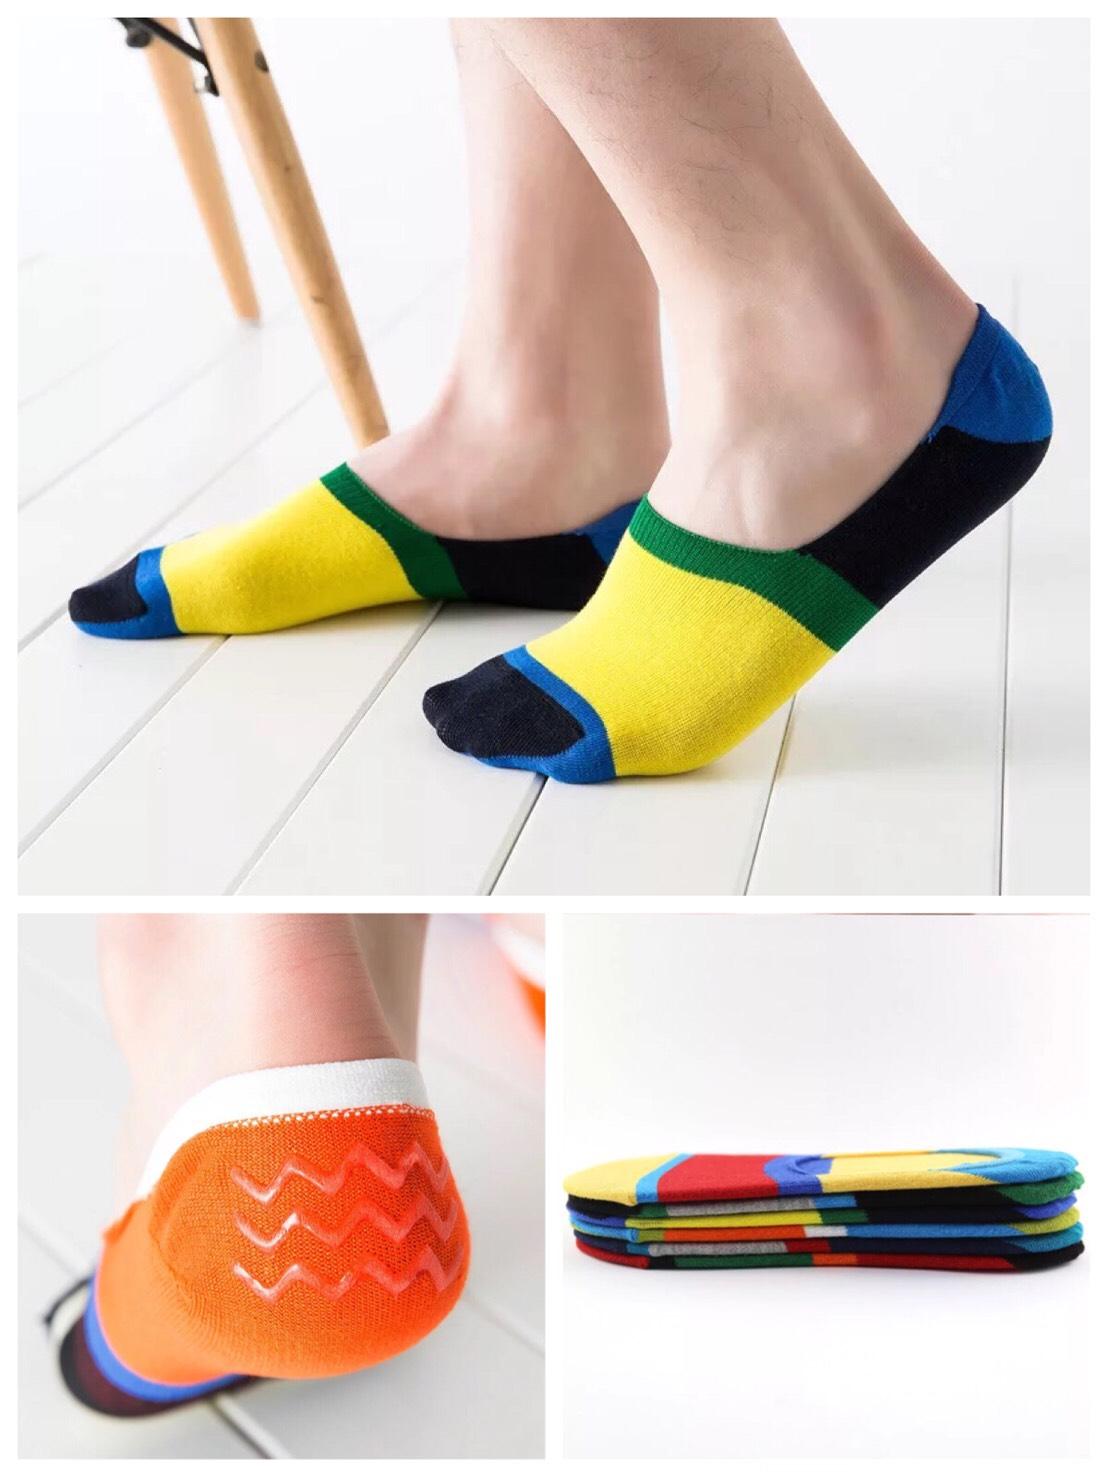 P005**พร้อมส่ง** (ปลีก+ส่ง) ถุงเท้าซ่อน ไร้ขอบ ลวดลาย ไซส์ชาย มีซิลิโคนกันหลุด 12 คู่ต่อแพ็ค เนื้อดี งานนำเข้า(Made in China)